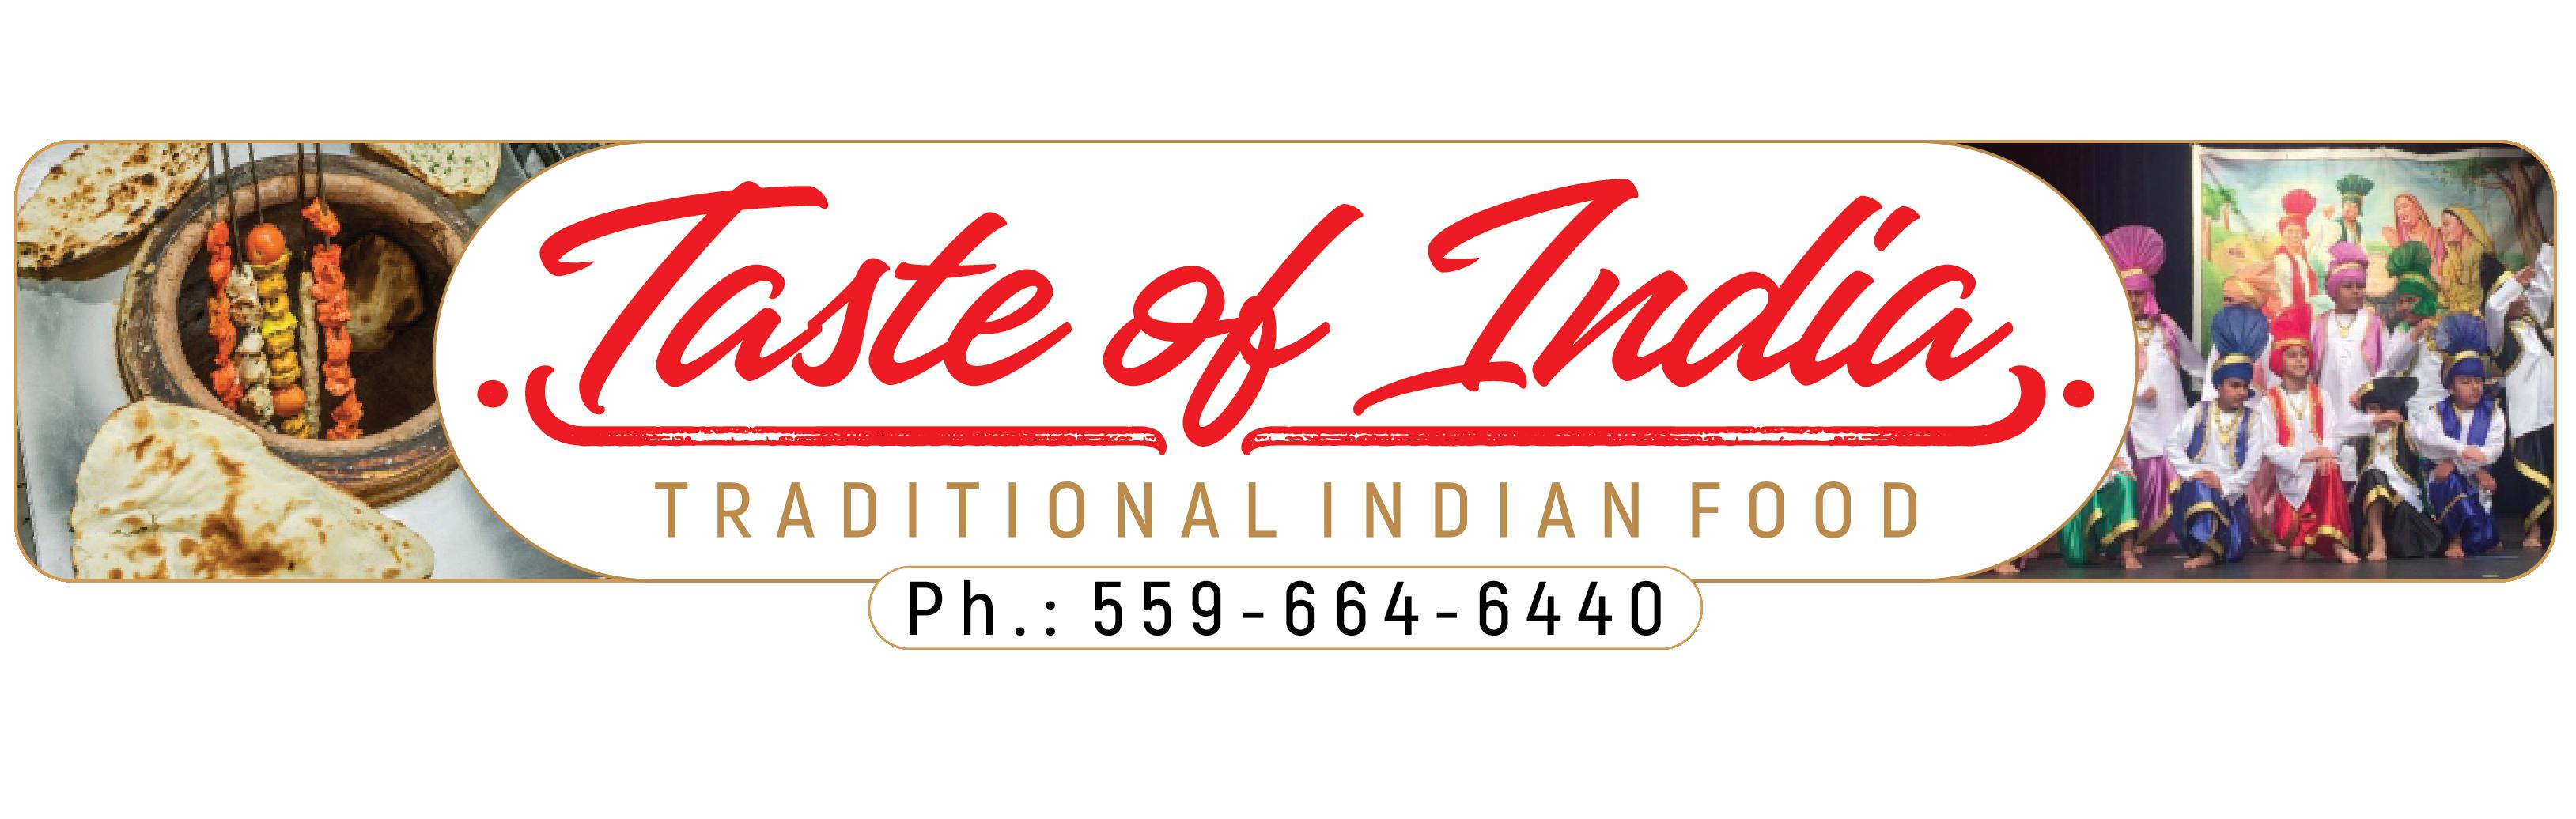 Taste of India - Madera